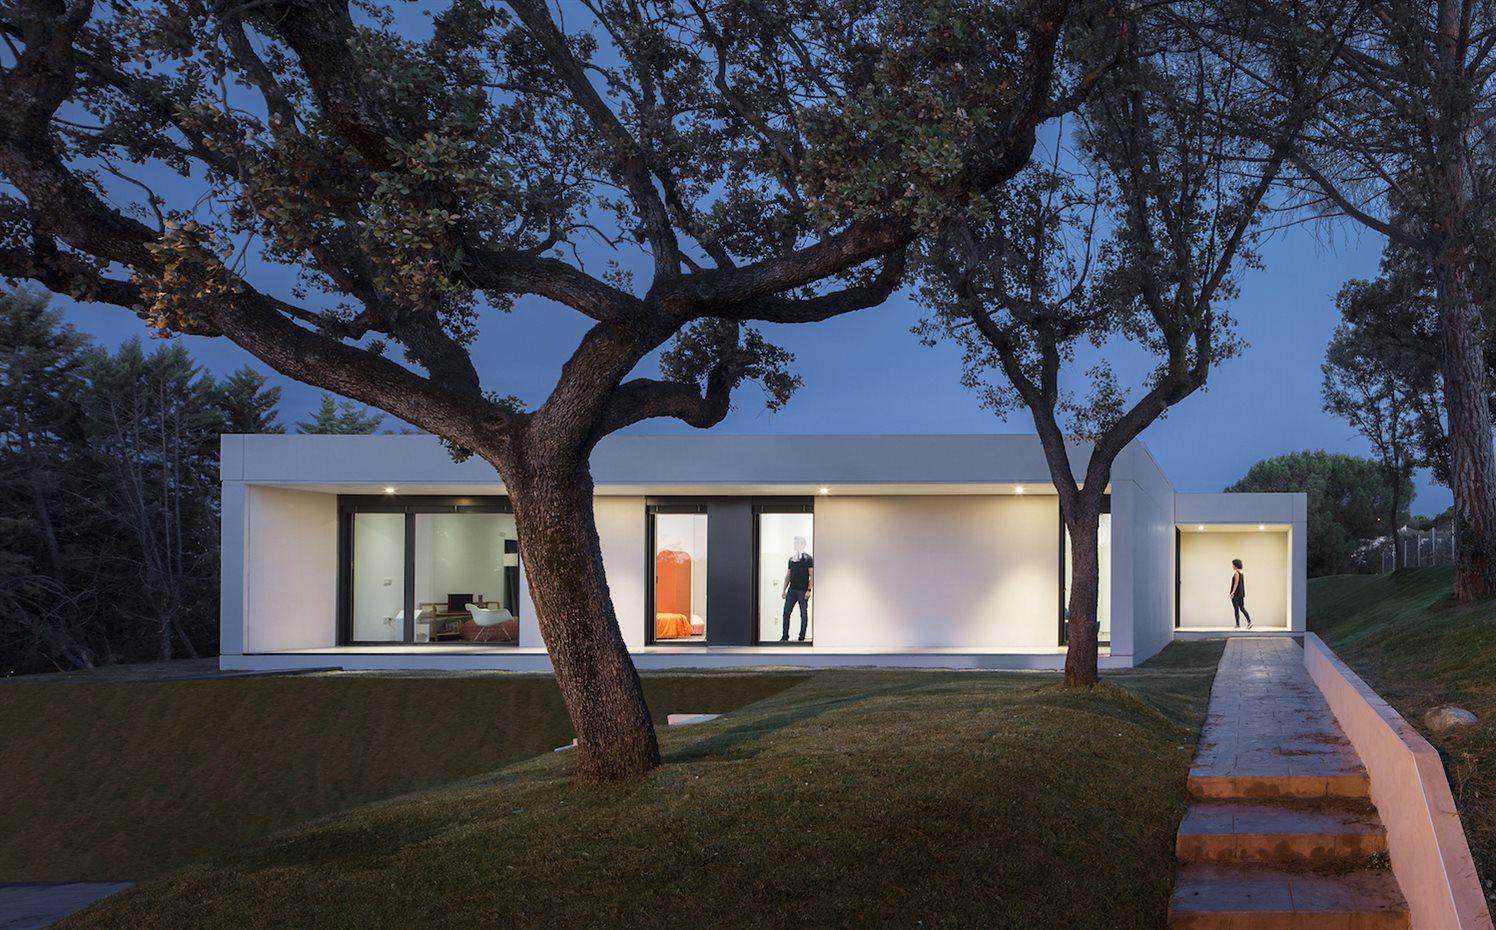 Casa prefabricada de diseño en Las Rozas (Madrid) de Homm